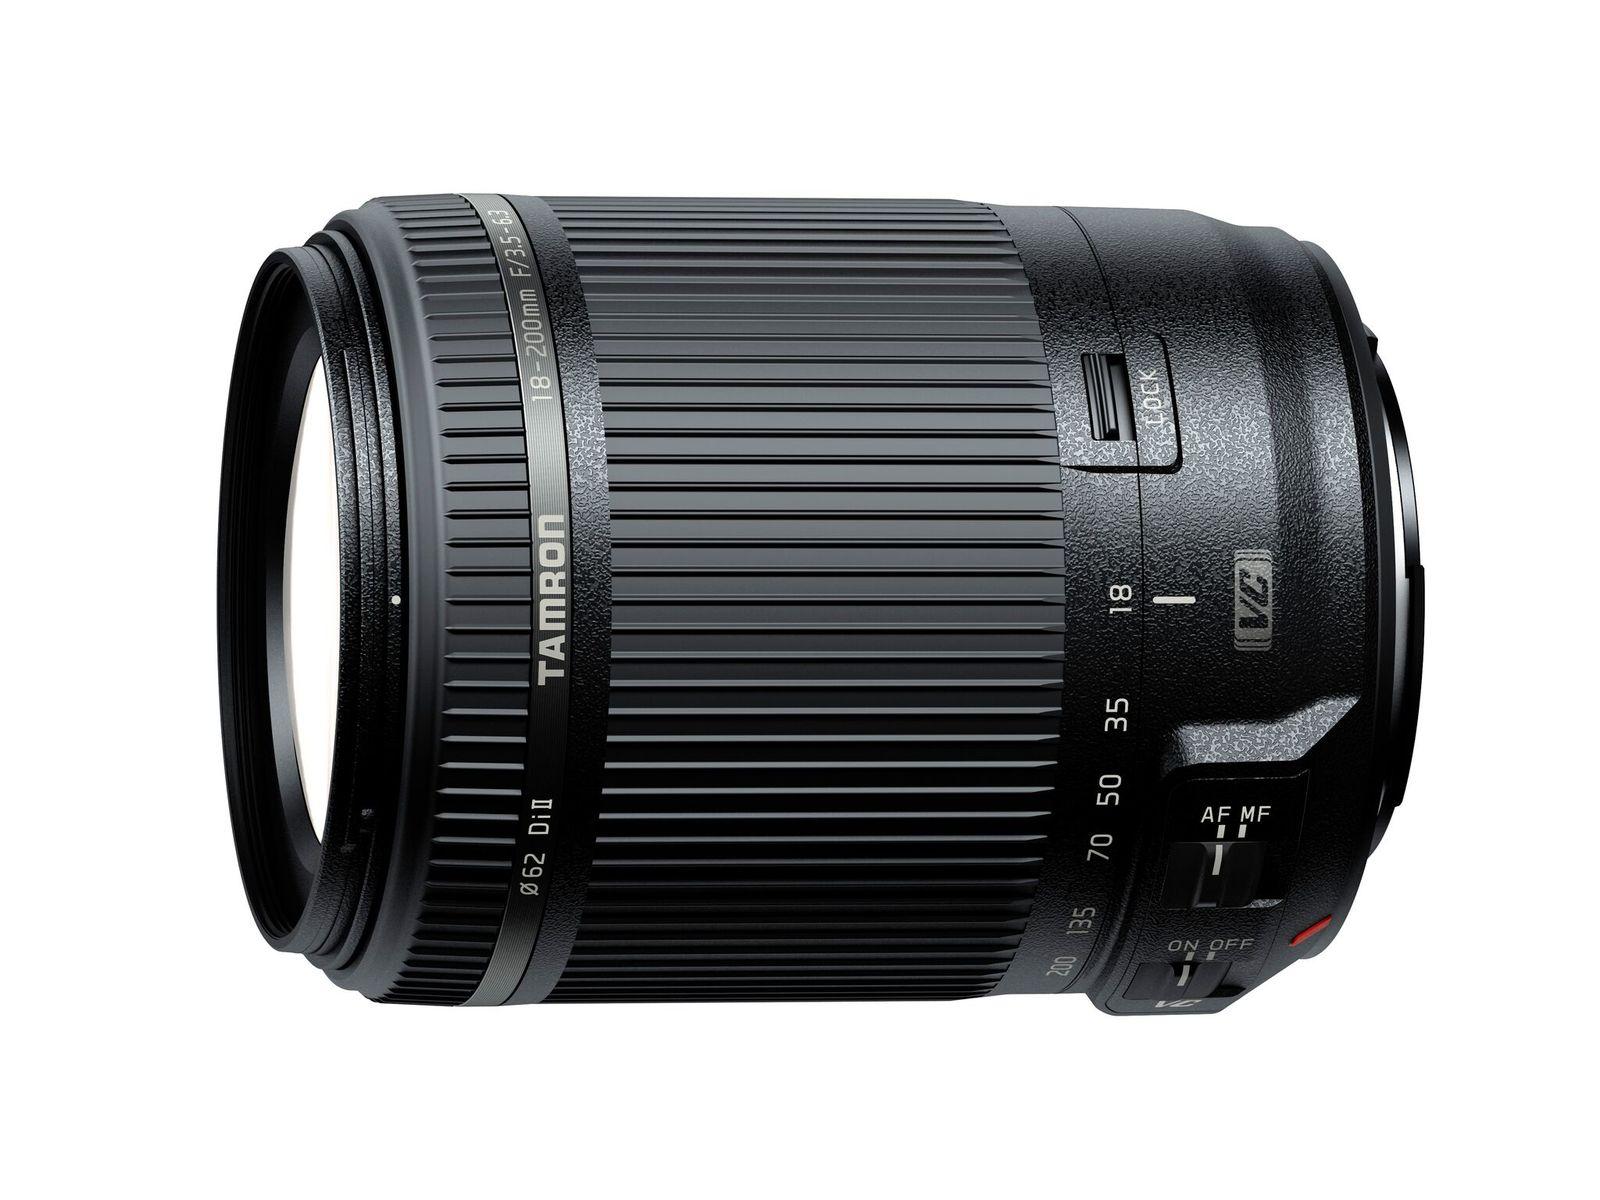 Tamron 18-200MM F3.5-6.3 DI II VC Nikon image